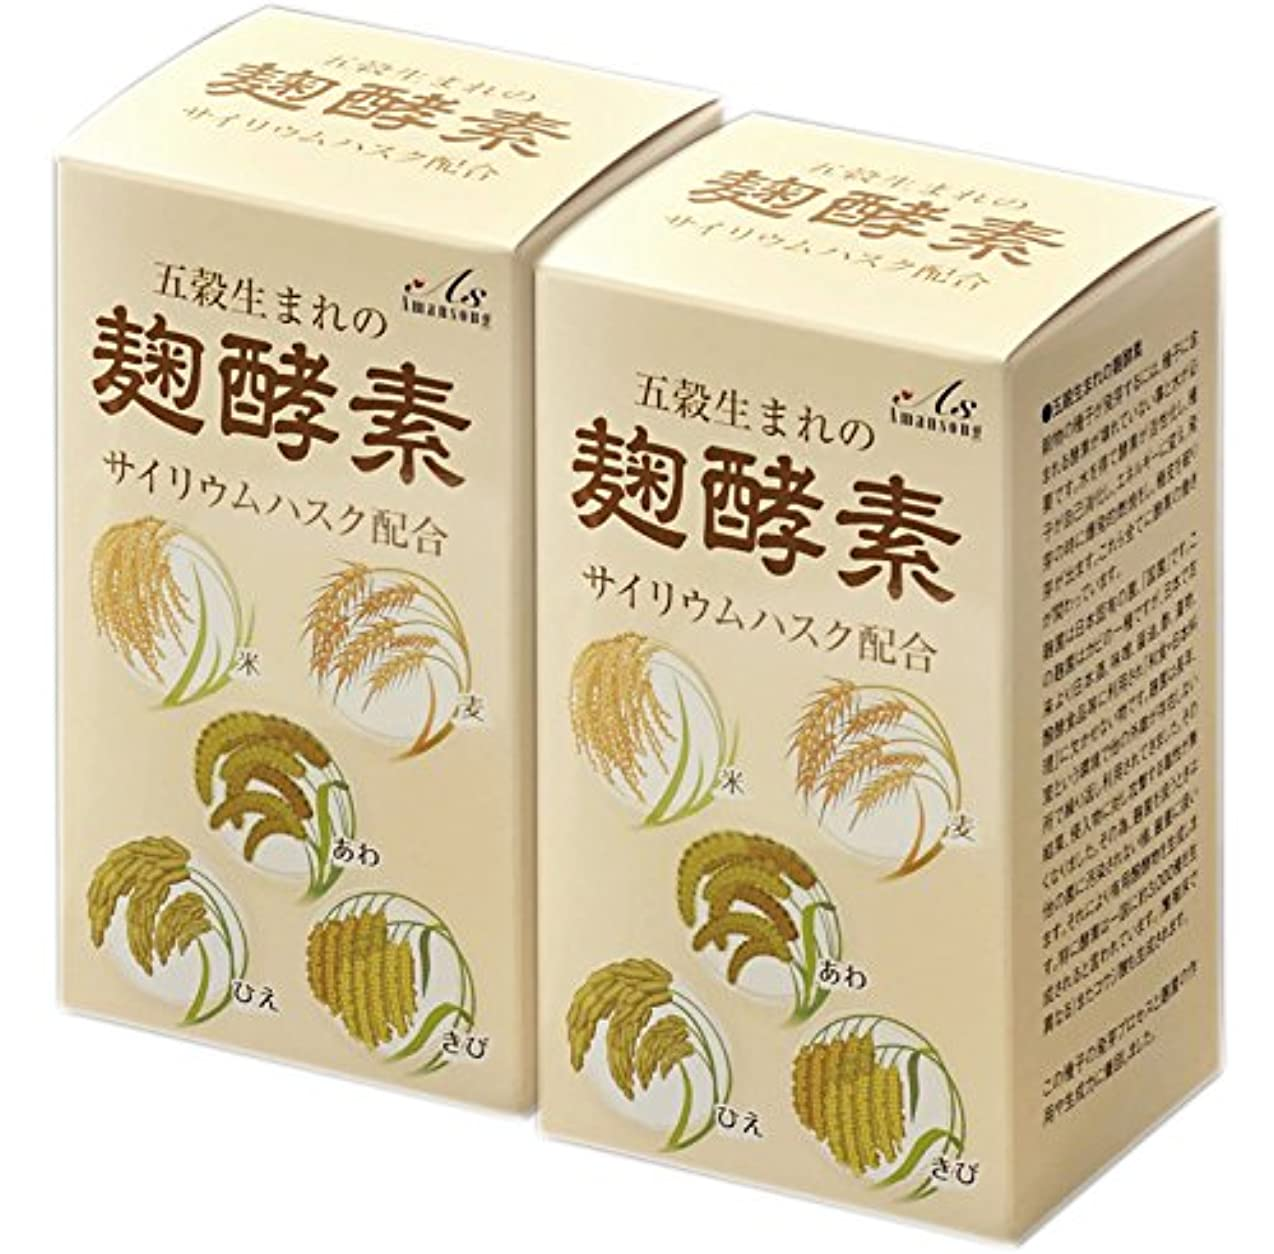 原因に対応統計的A?S 2箱セット五穀生まれの麹酵素 更に1箱プレゼント、更に「活きてる酵素だし」1袋プレゼント